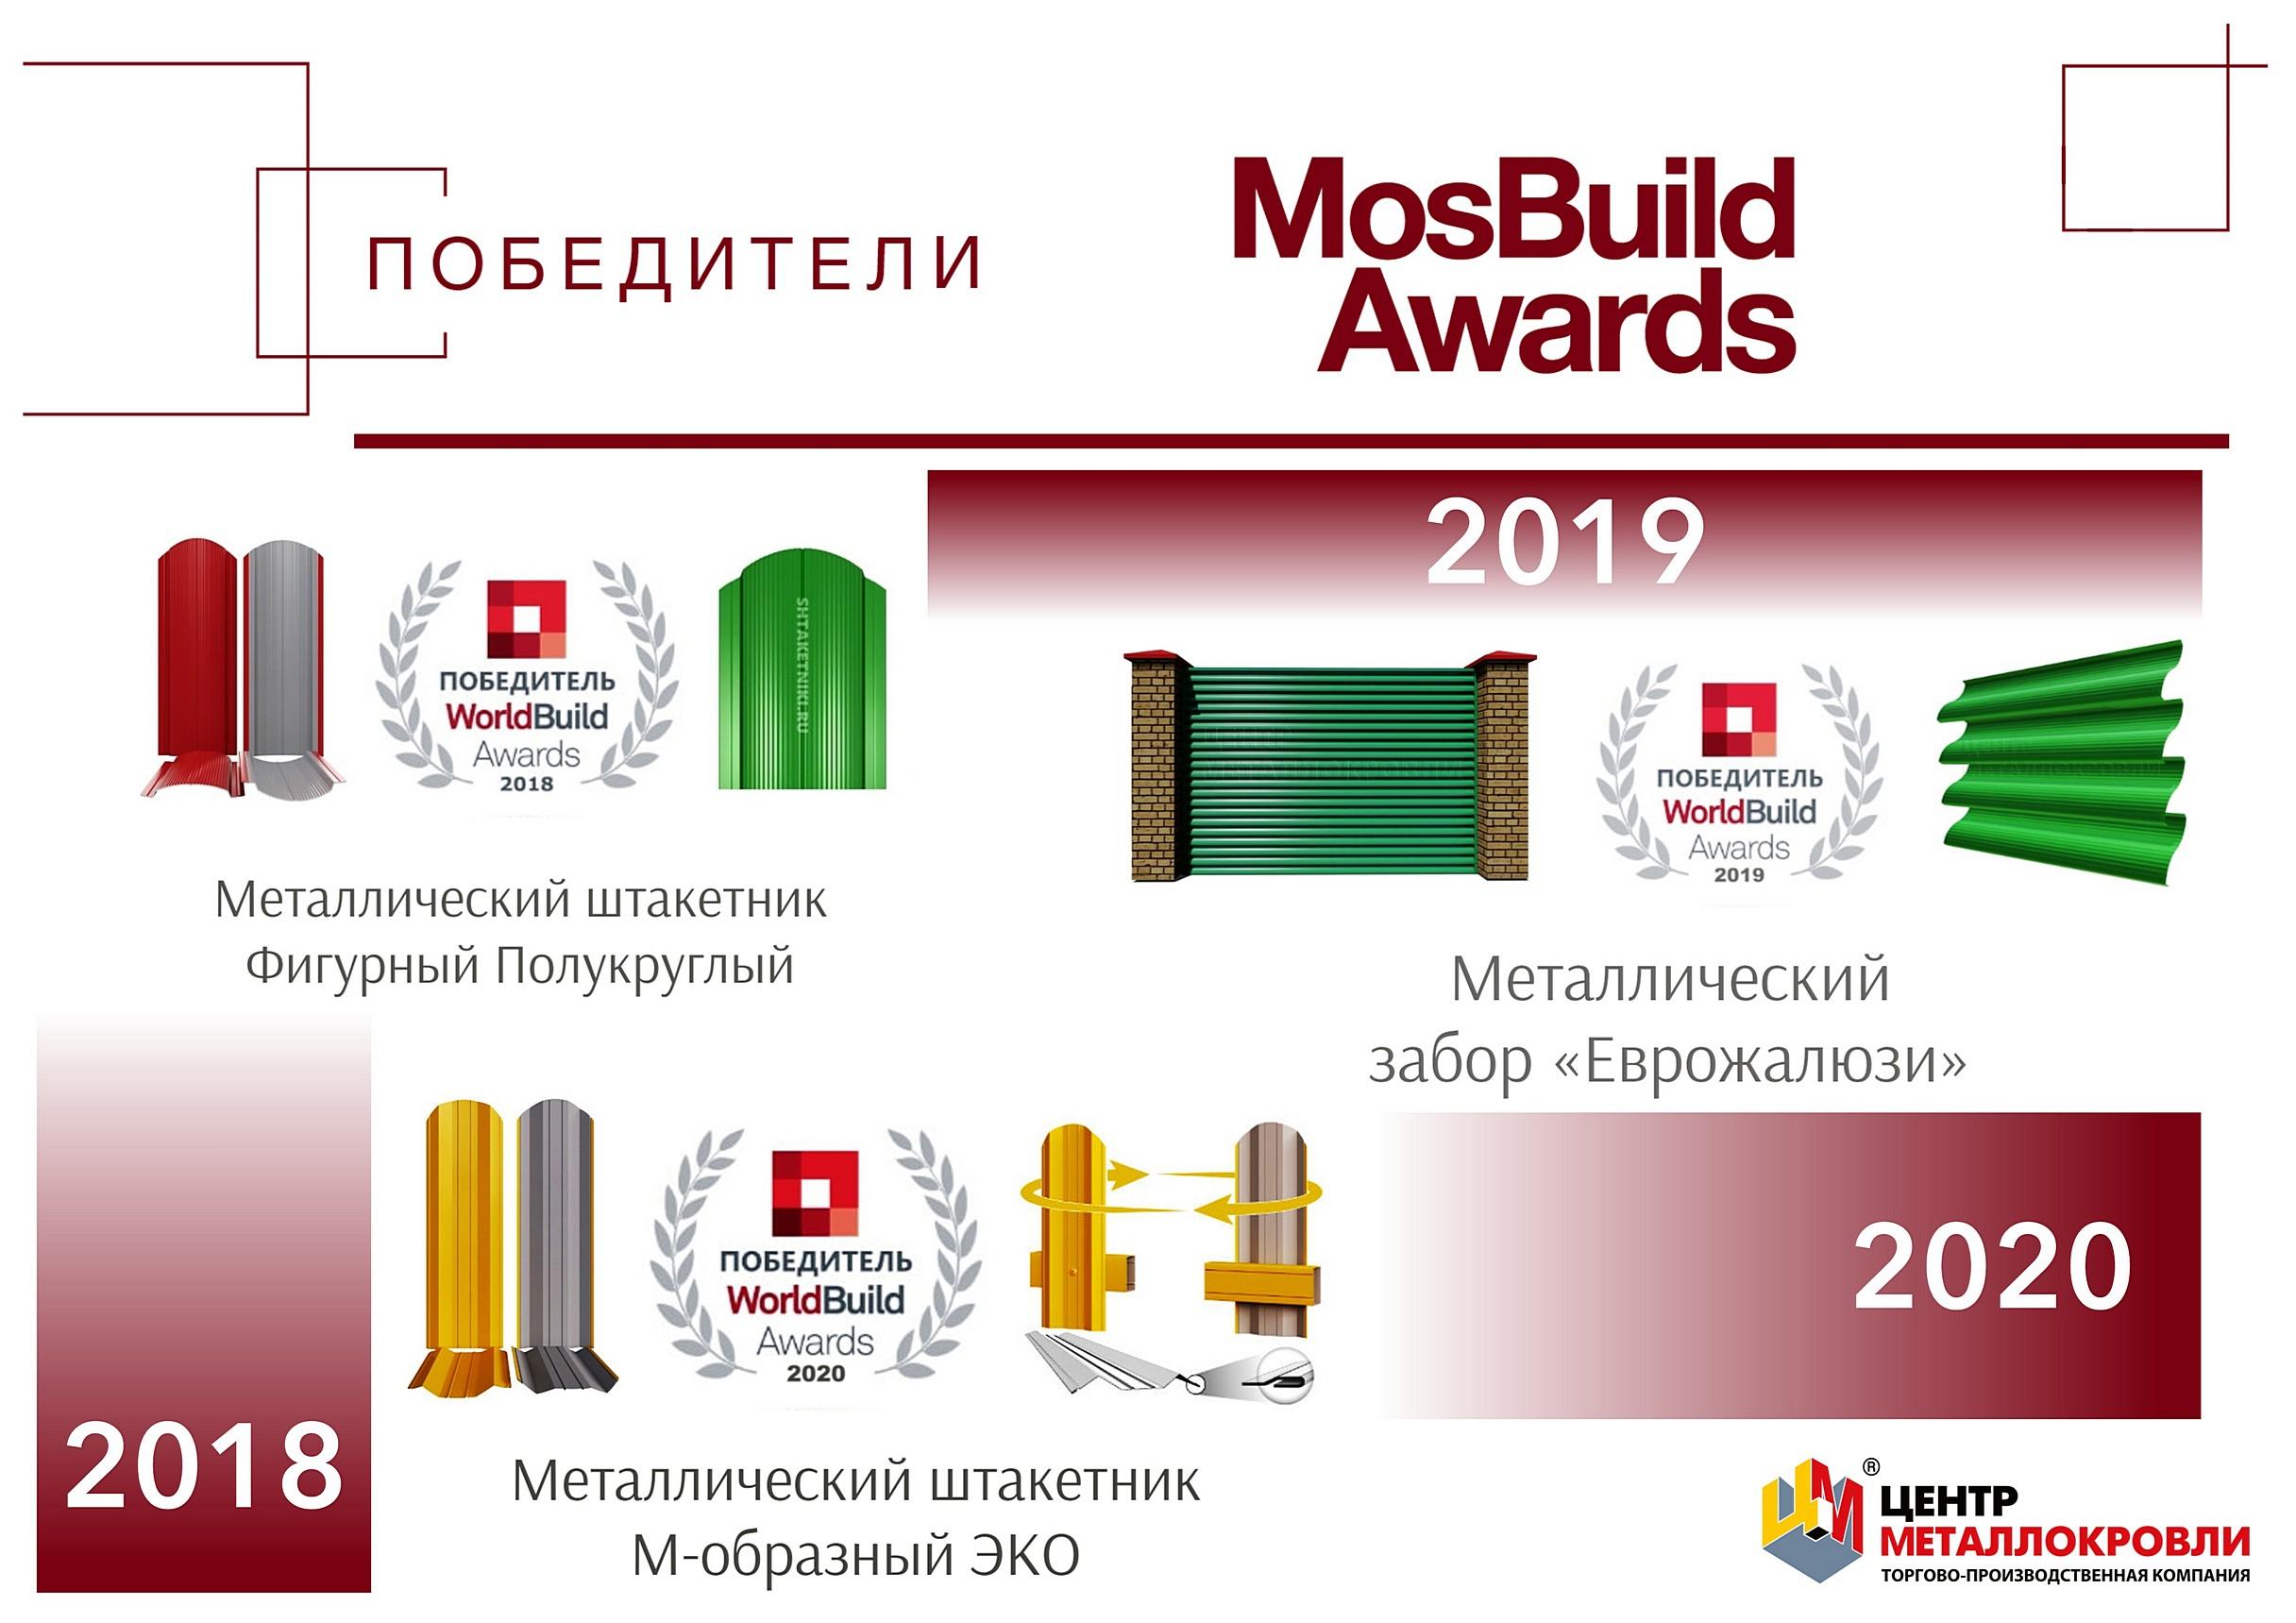 Продукция победитель диплом выставка евроштакетник еврожалюзи WorldBuild - 11